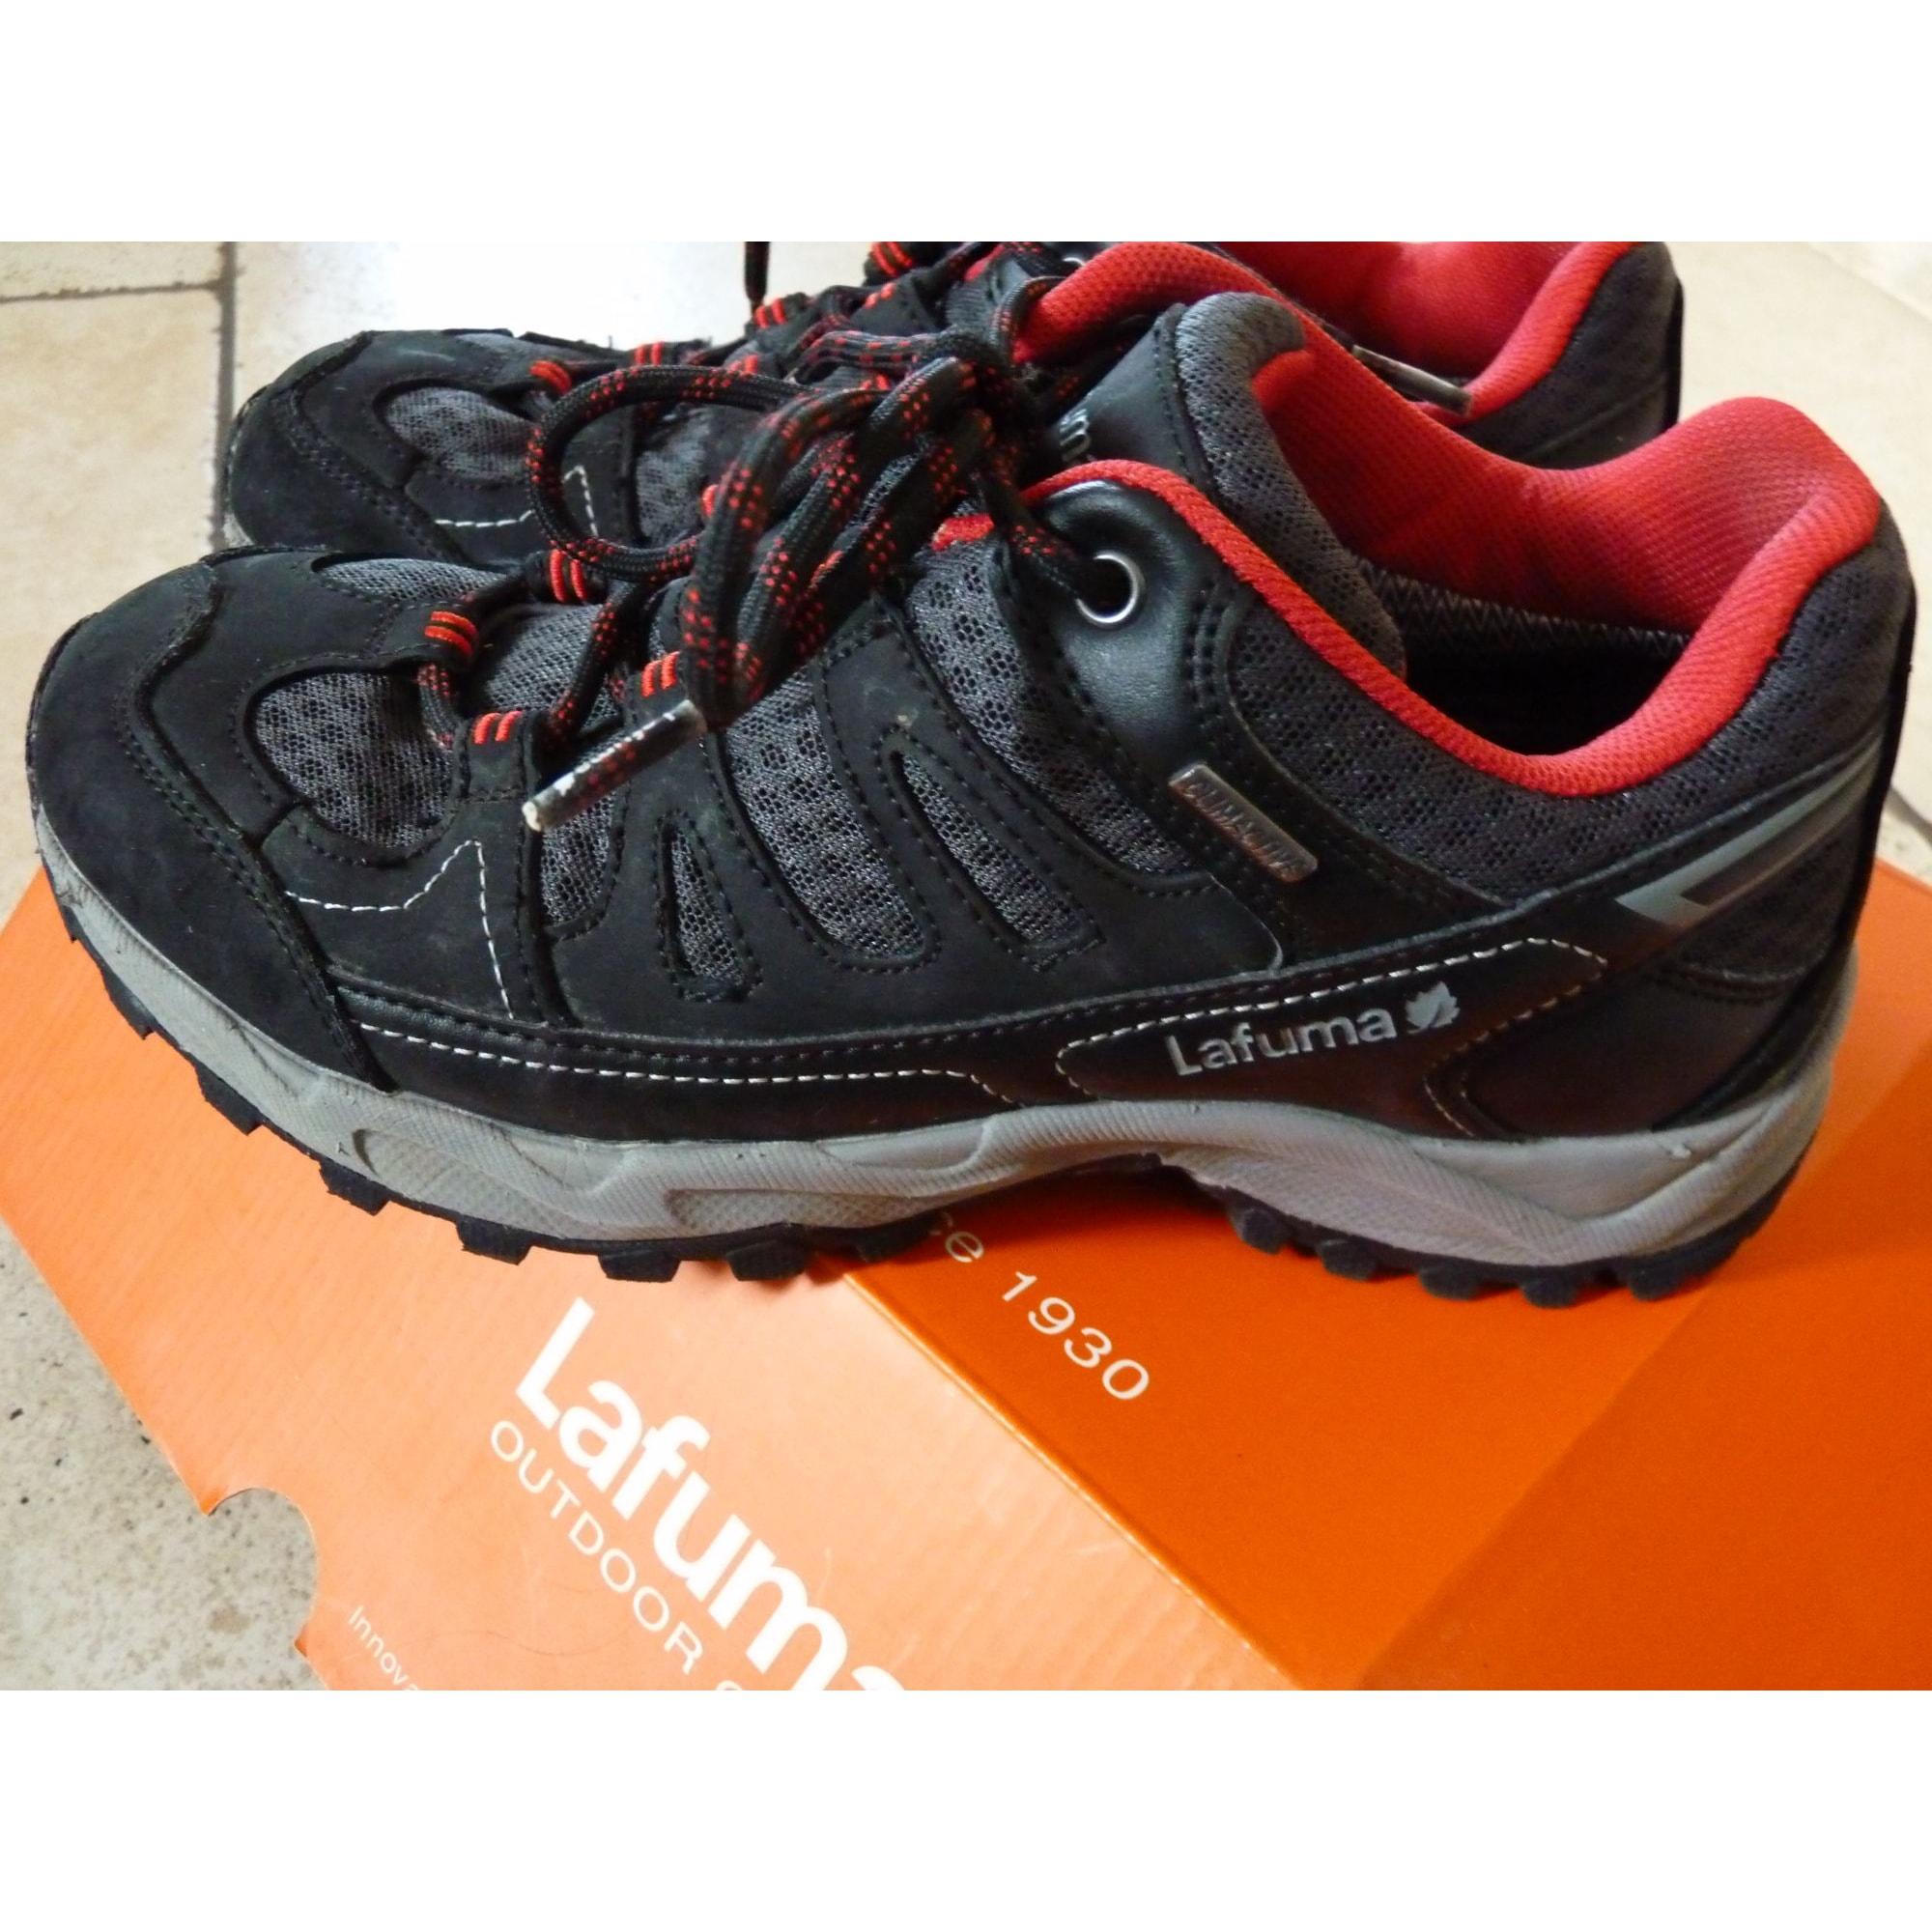 Chaussures de sport LAFUMA Noir